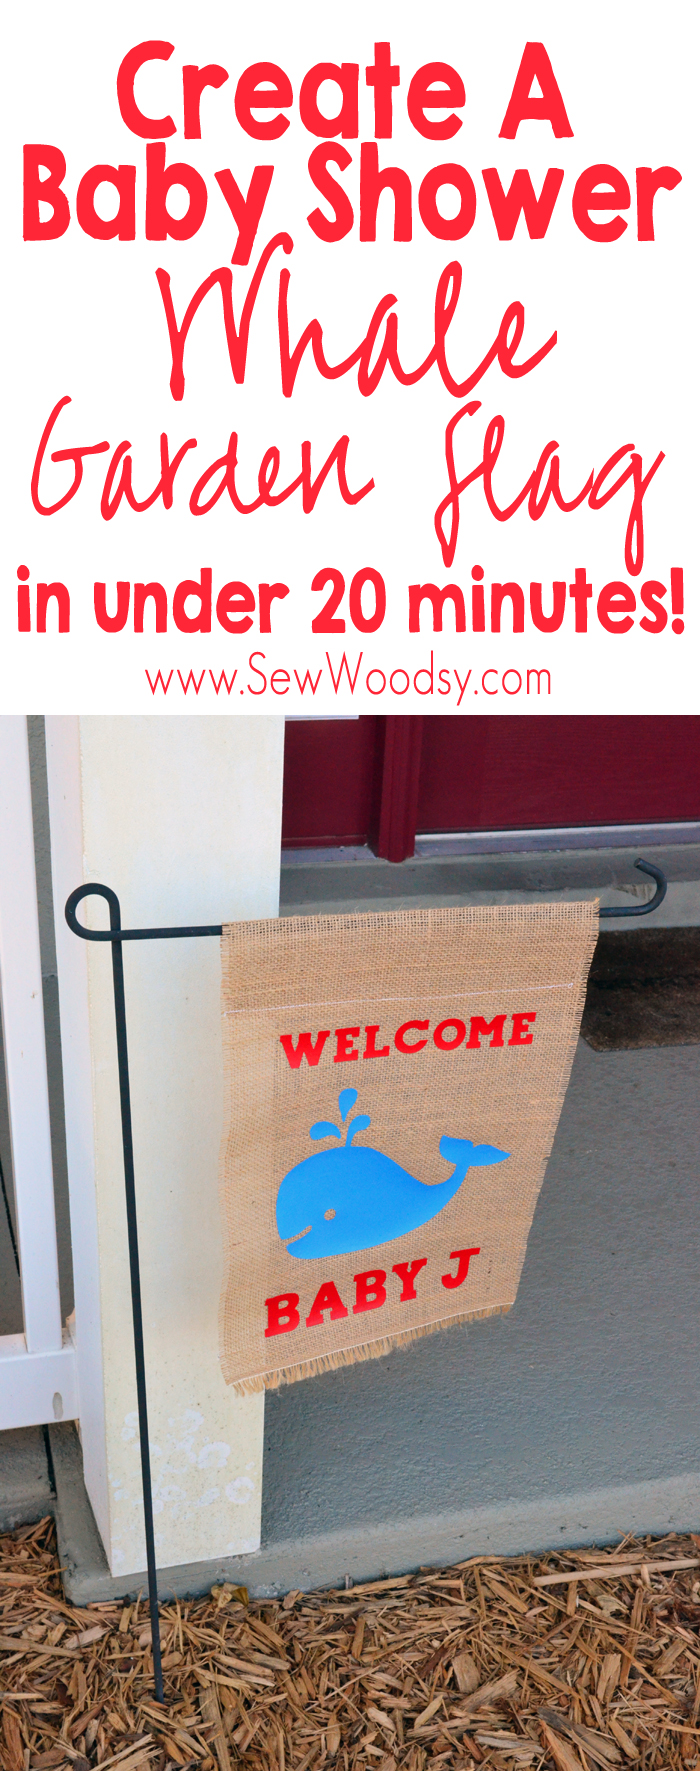 Baby Shower Whale Garden Flag in under 20 minutes